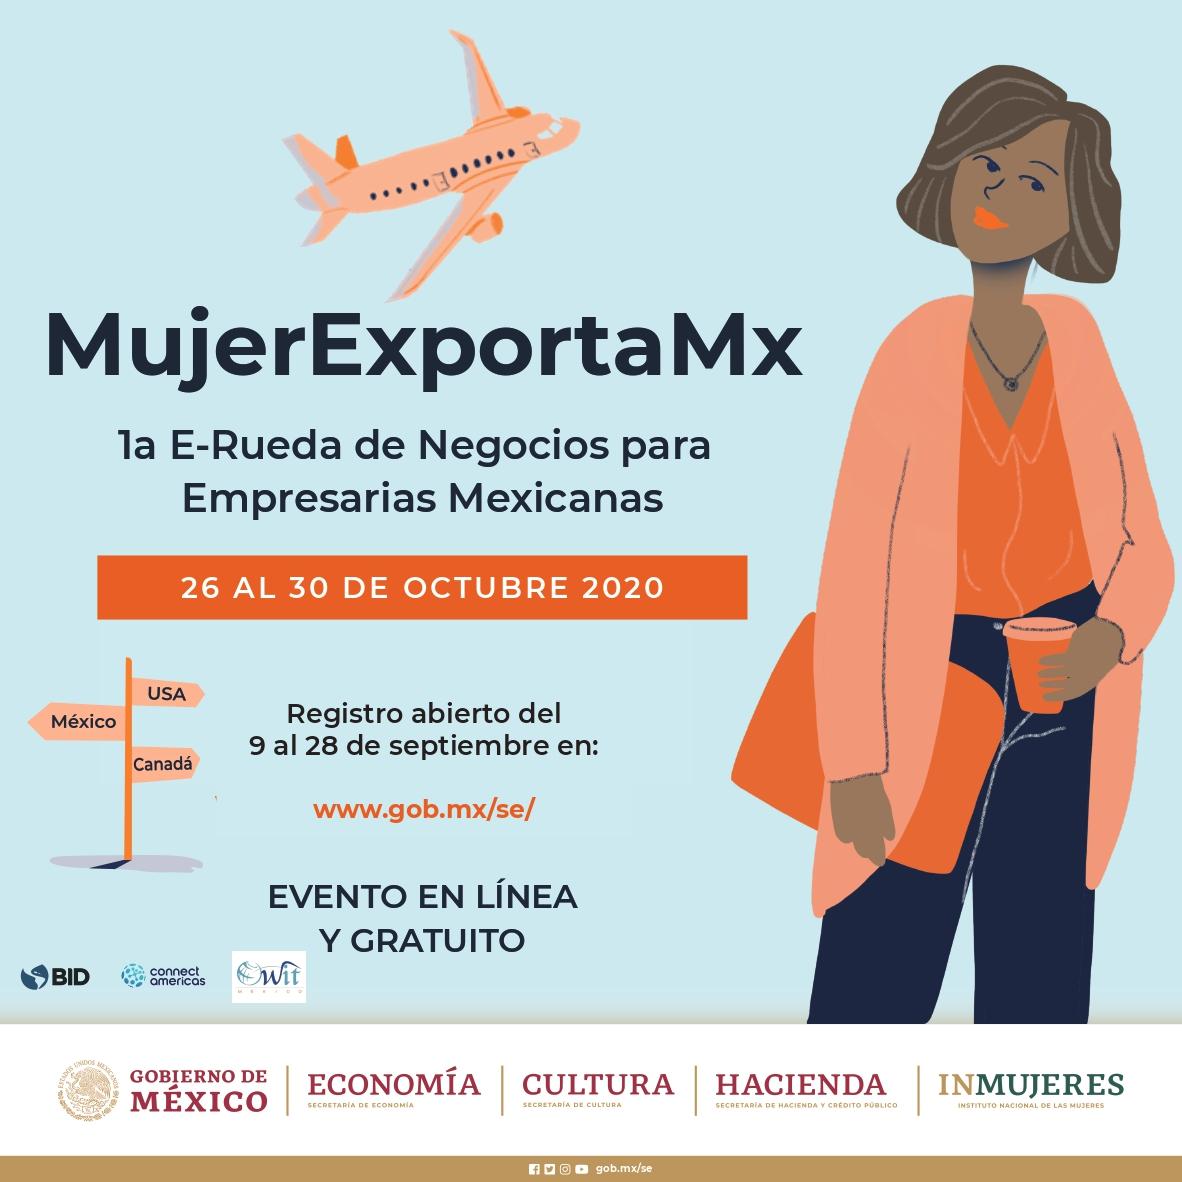 ¿Eres empresaria? ¡Esta convocatoria es para ti!  #MujerExportaMx es una rueda virtual cuyo objetivo es vincular a empresarias mexicanas con importadores de Canadá 🇨🇦y Estados Unidos 🇺🇸.  📅 Regístrate 👉🏾 https://t.co/gzQc1WVZ5S https://t.co/vsCyfOcNSB